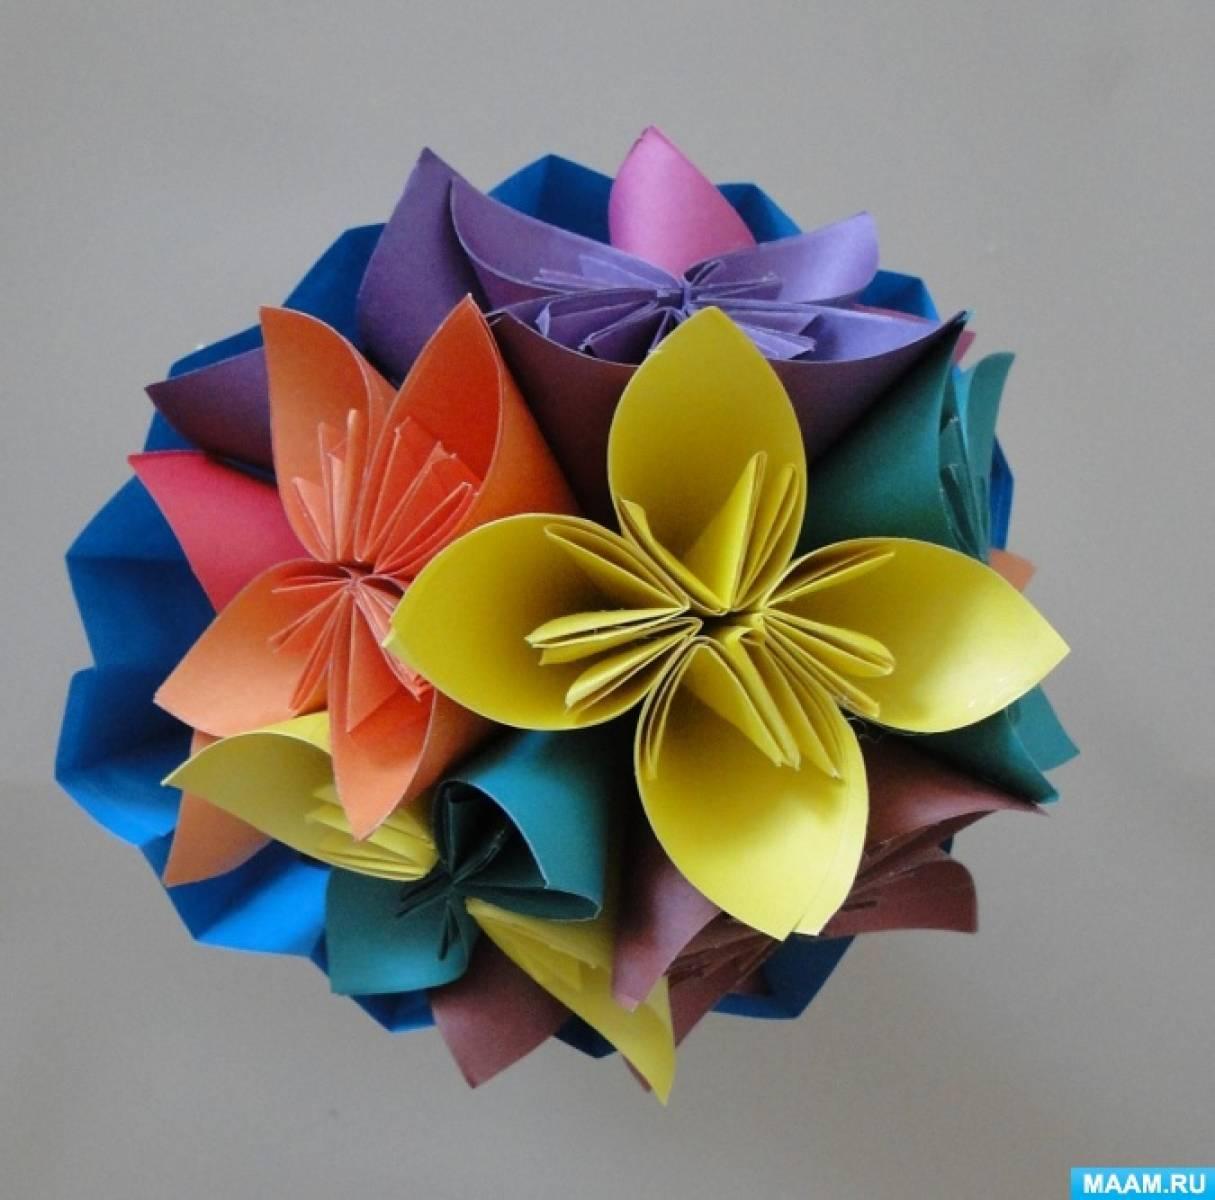 detsad-214145-1486904145 Мастер-класс «Букет цветов из бумаги». Воспитателям детских садов, школьным учителям и педагогам